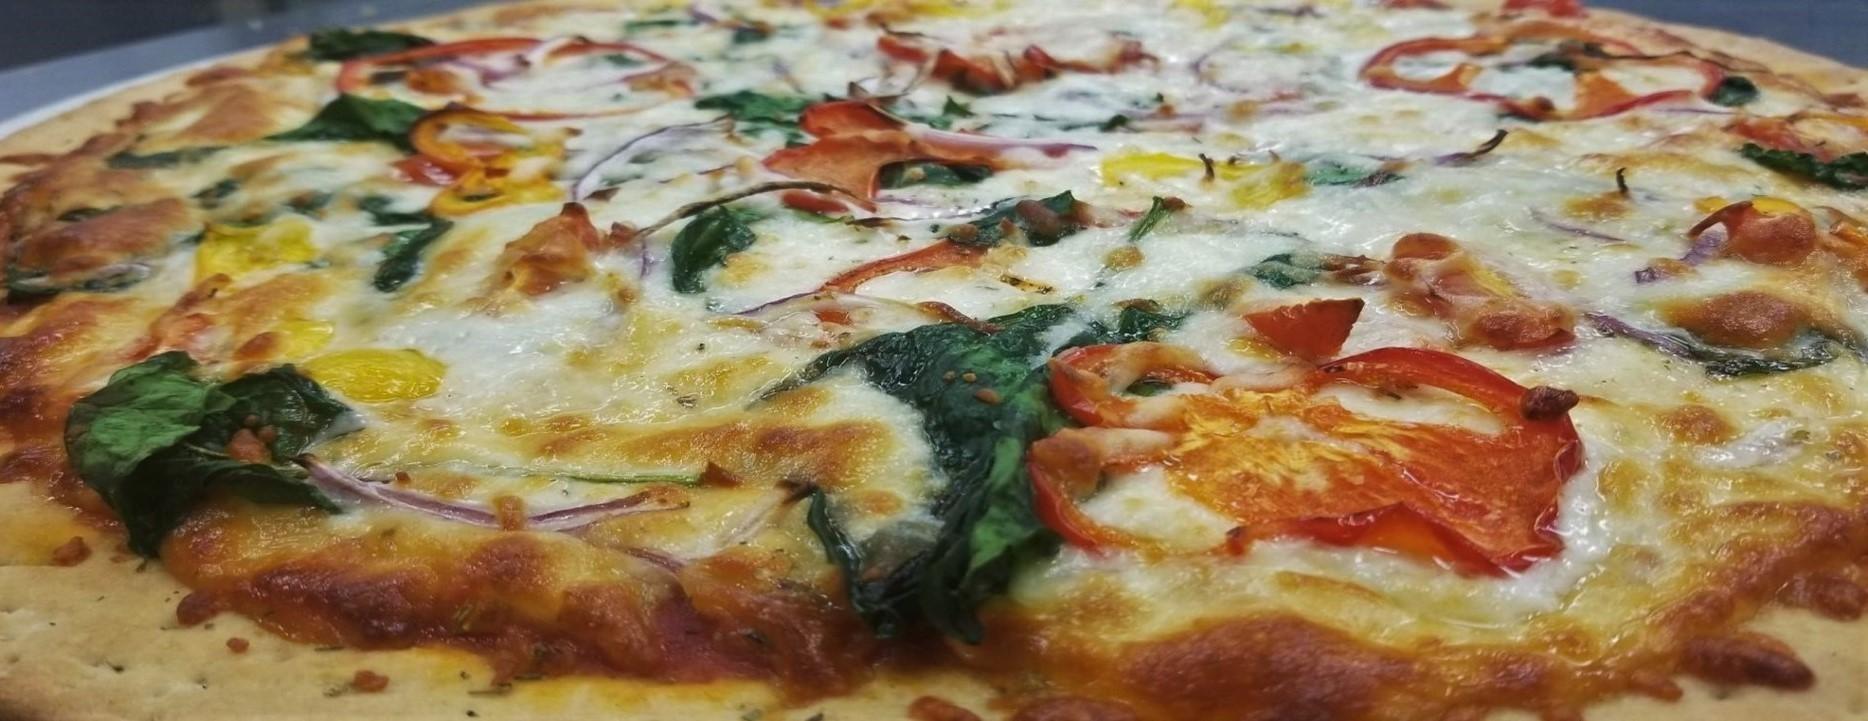 Spinach & Tomato Pizza